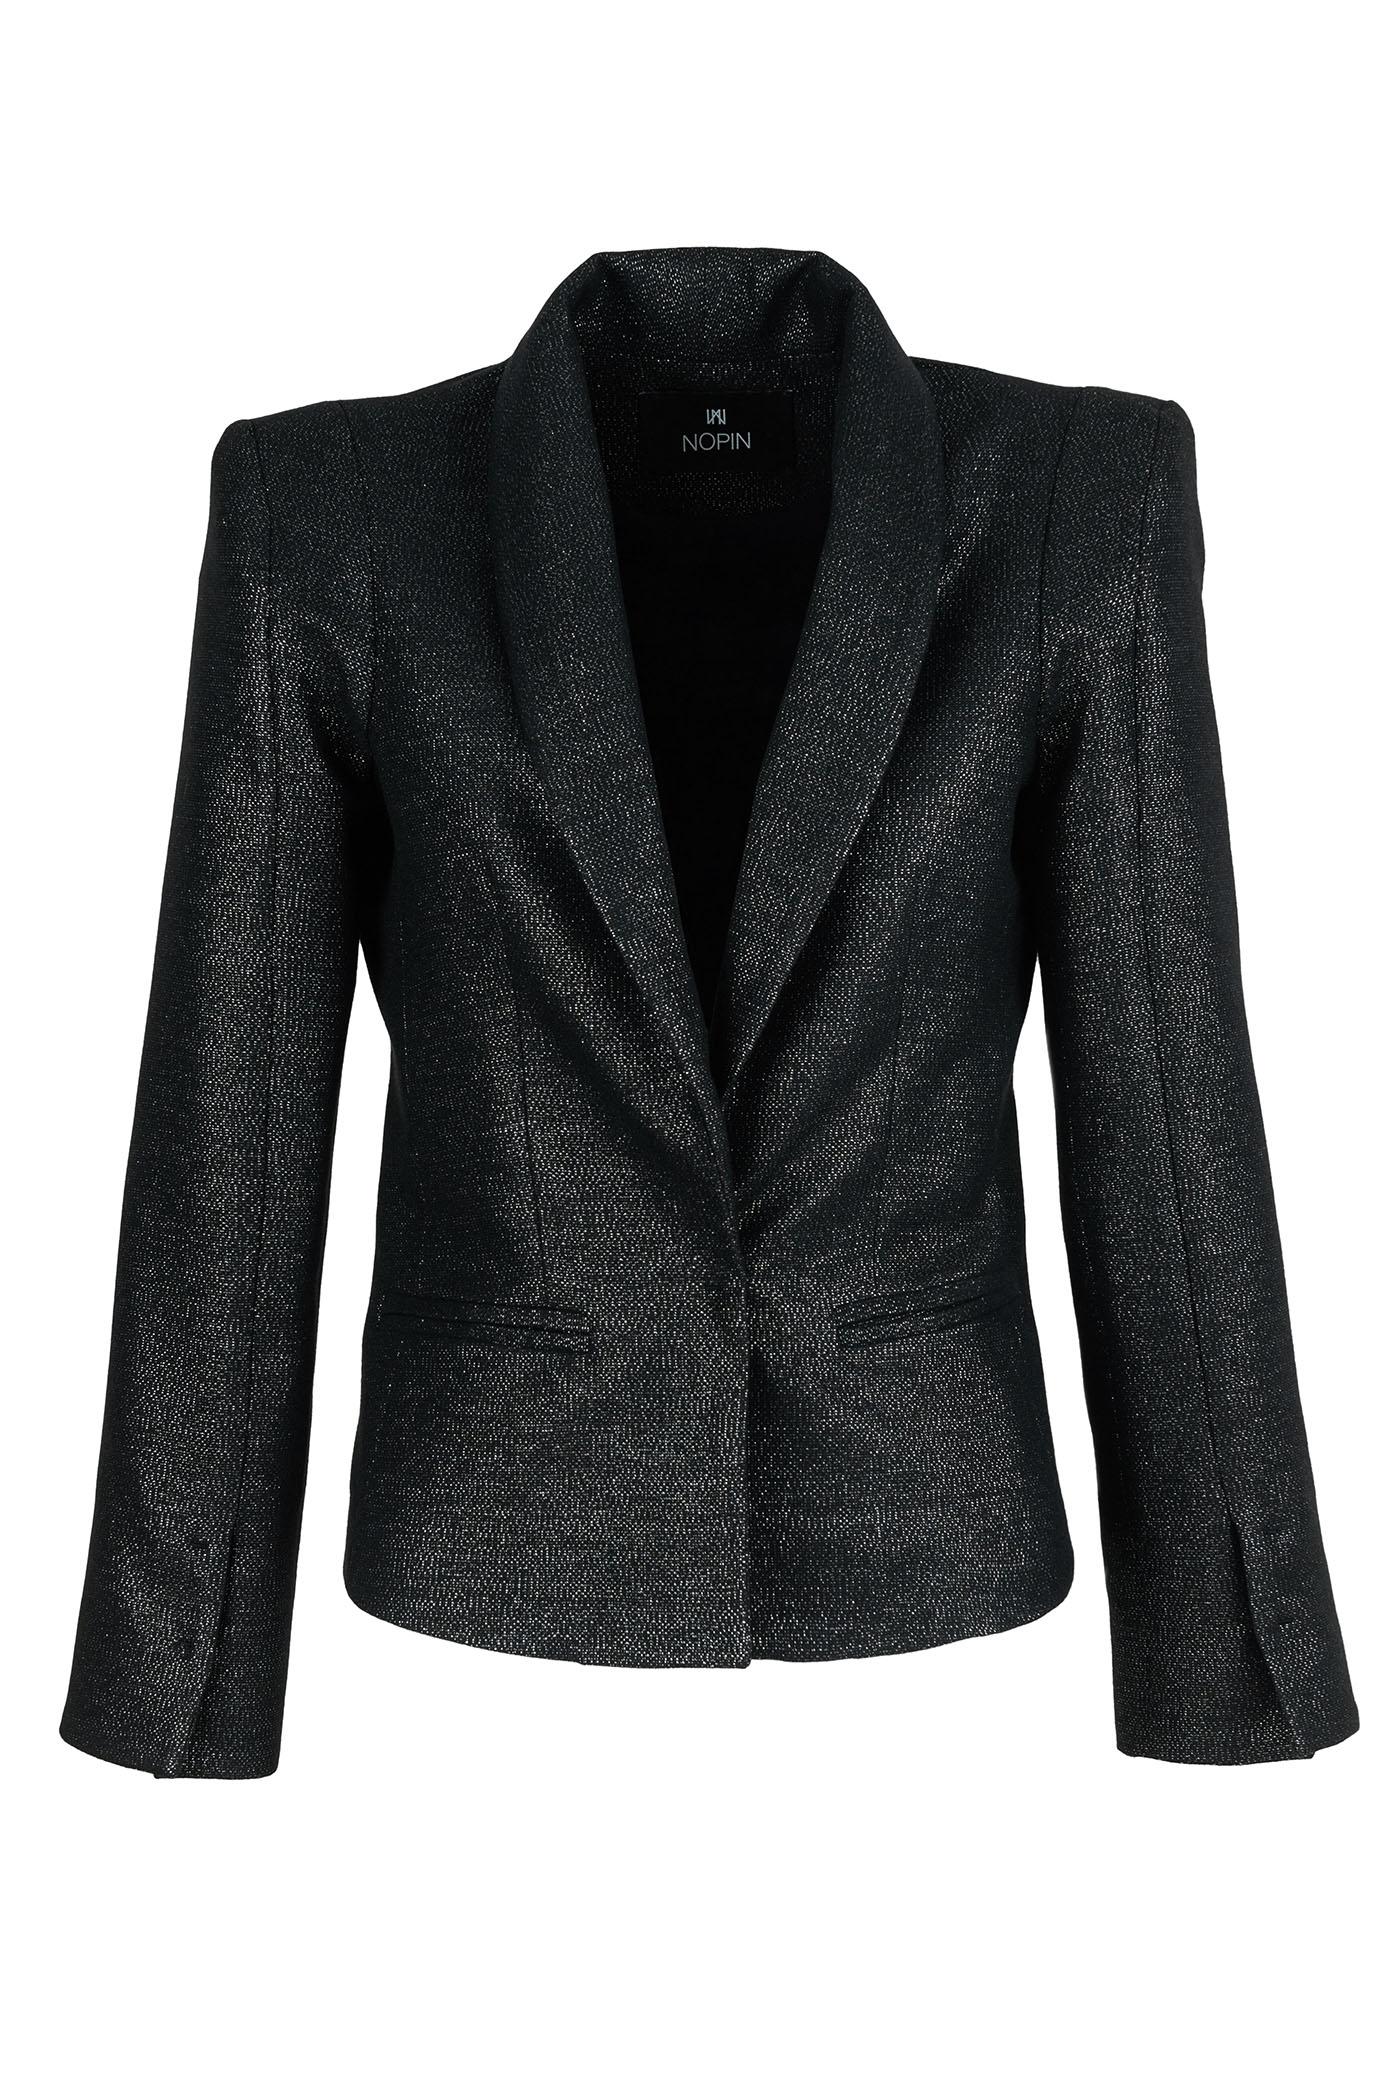 Nopin Glossy Jacket